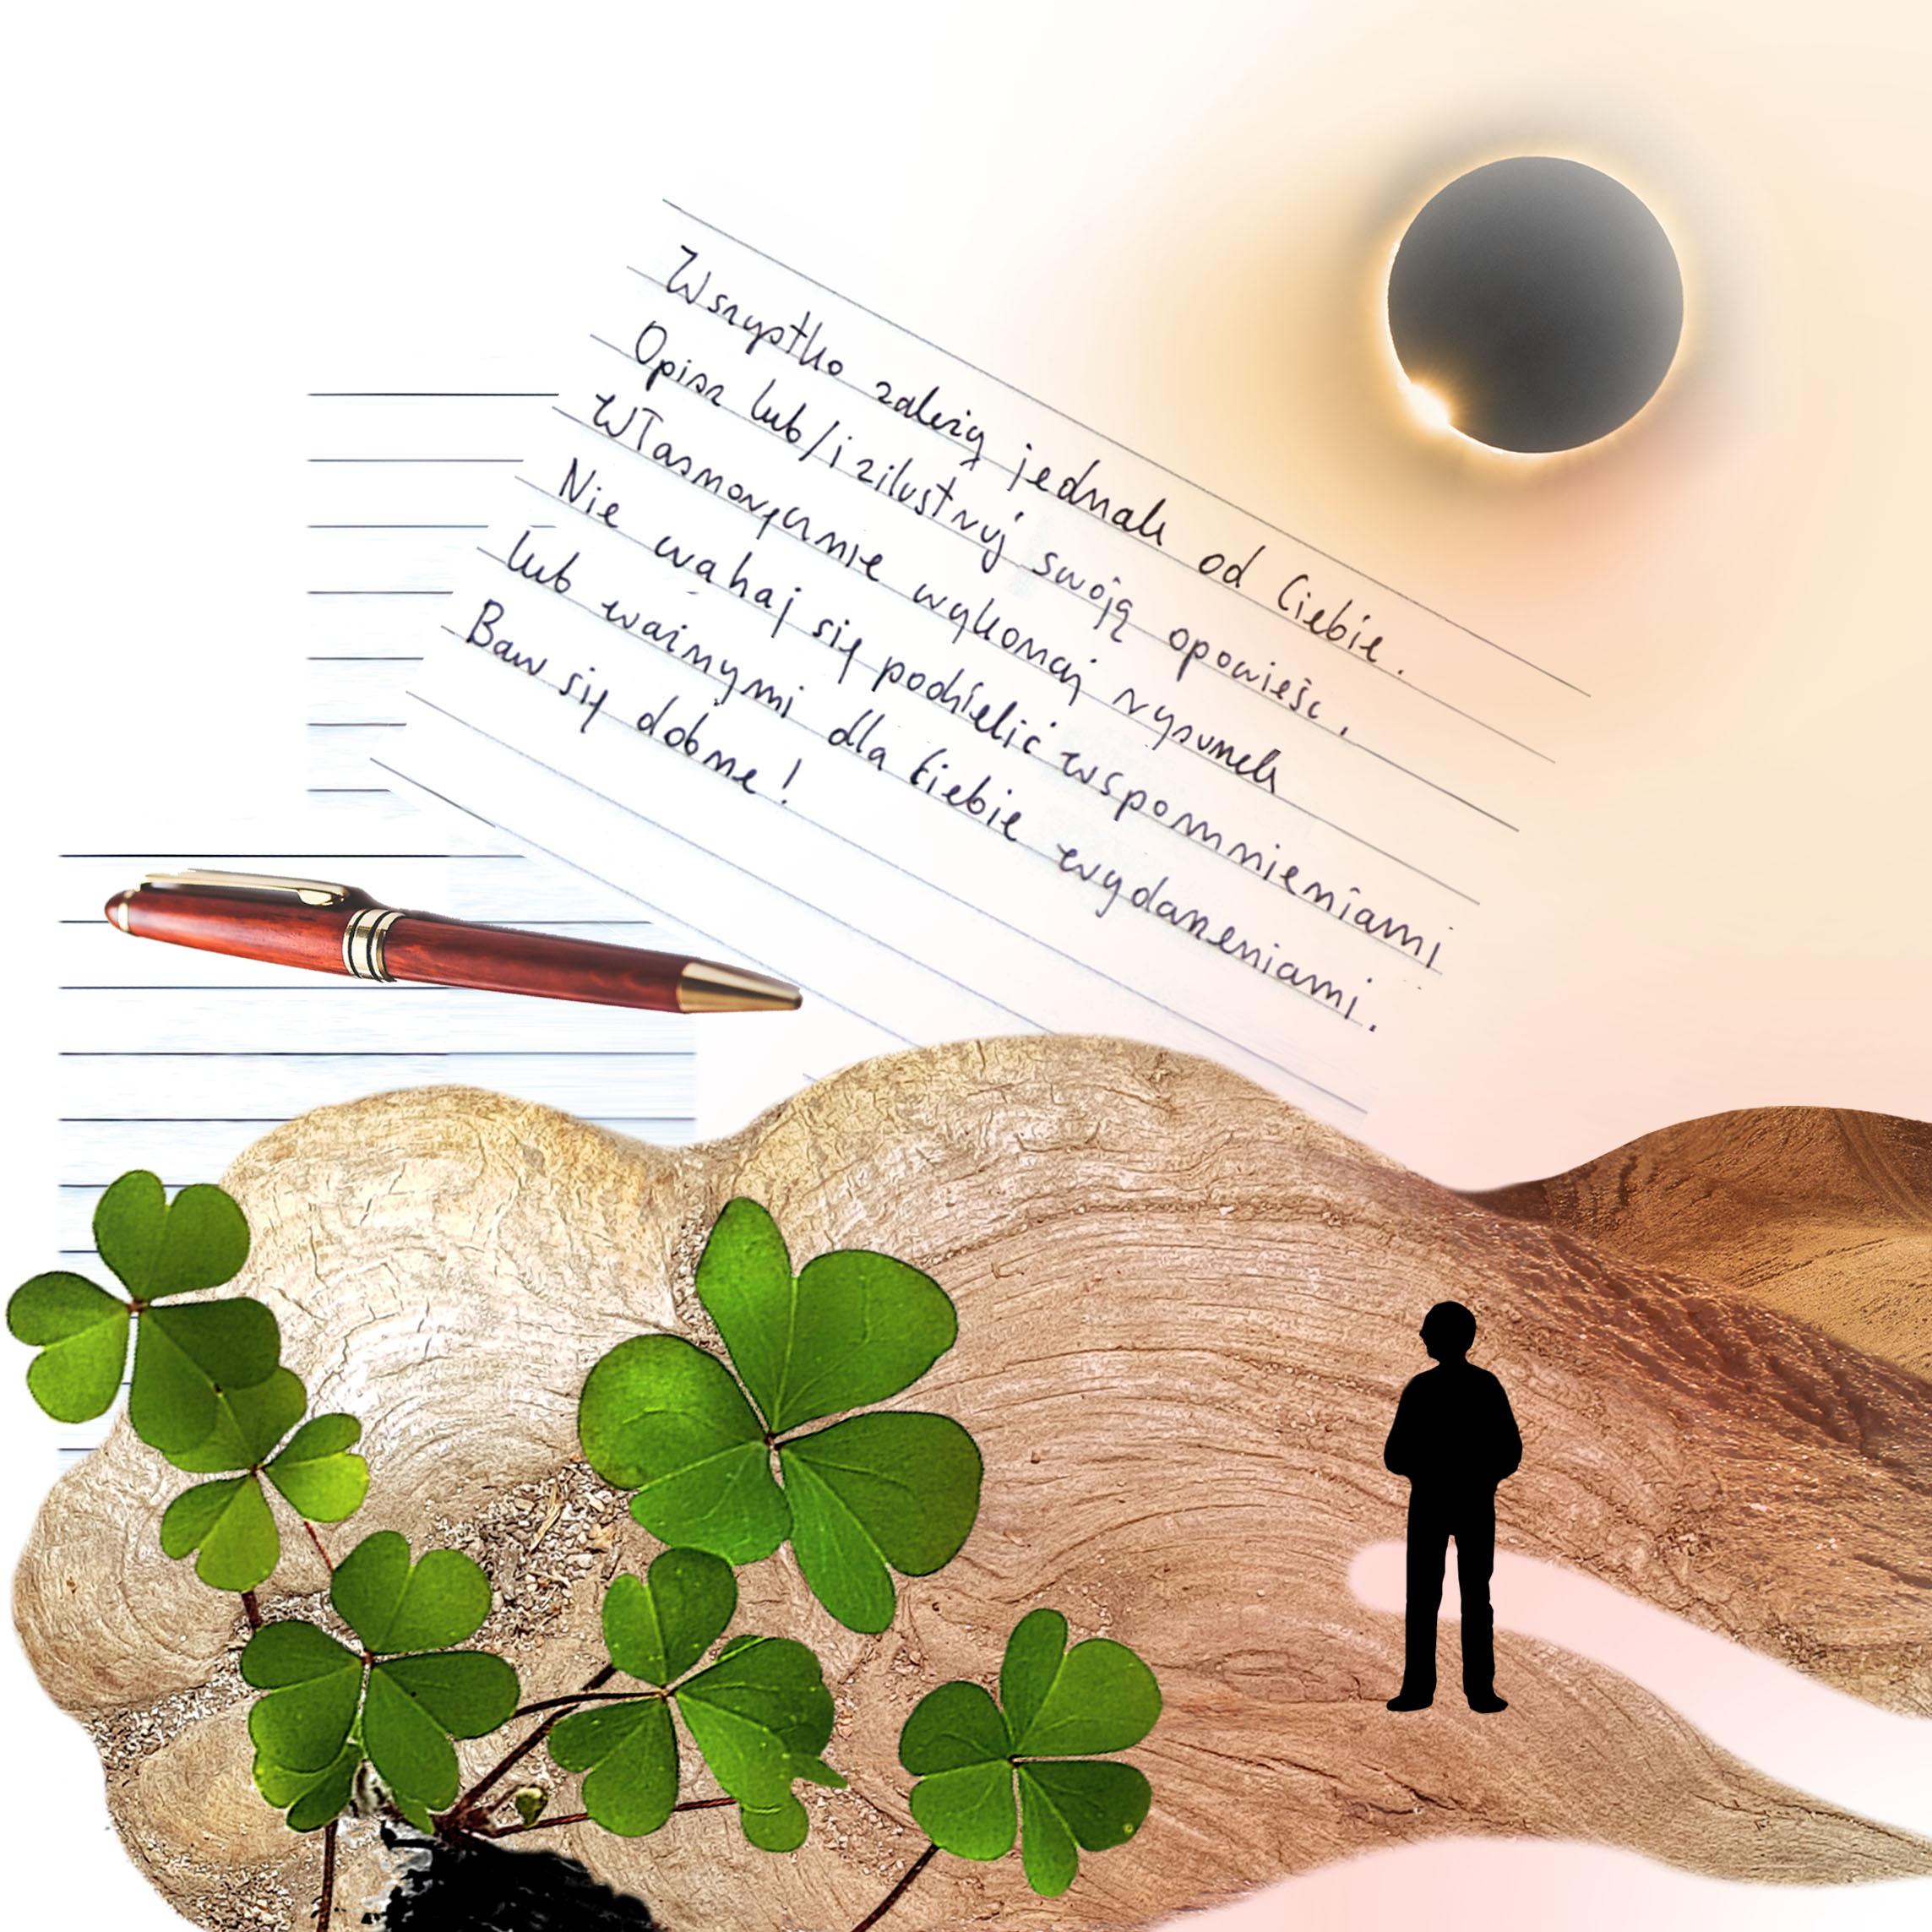 """Grafika / kolaż. W prawym górnym rogu zaćmione słońce. Poniżej pustynia i cień człowieka oraz kilka koniczynek. Po środku długopis i kartka papieru z napisem: """"Wszystko zależy jednak od Ciebie, Opisz lub/i zilustruj swoją opowieść. Własnoręcznie wykonaj rysunek Nie wahaj się podzielić wspomnieniami lub ważnymi dla Ciebie wydarzeniami. Baw się dobrze!"""